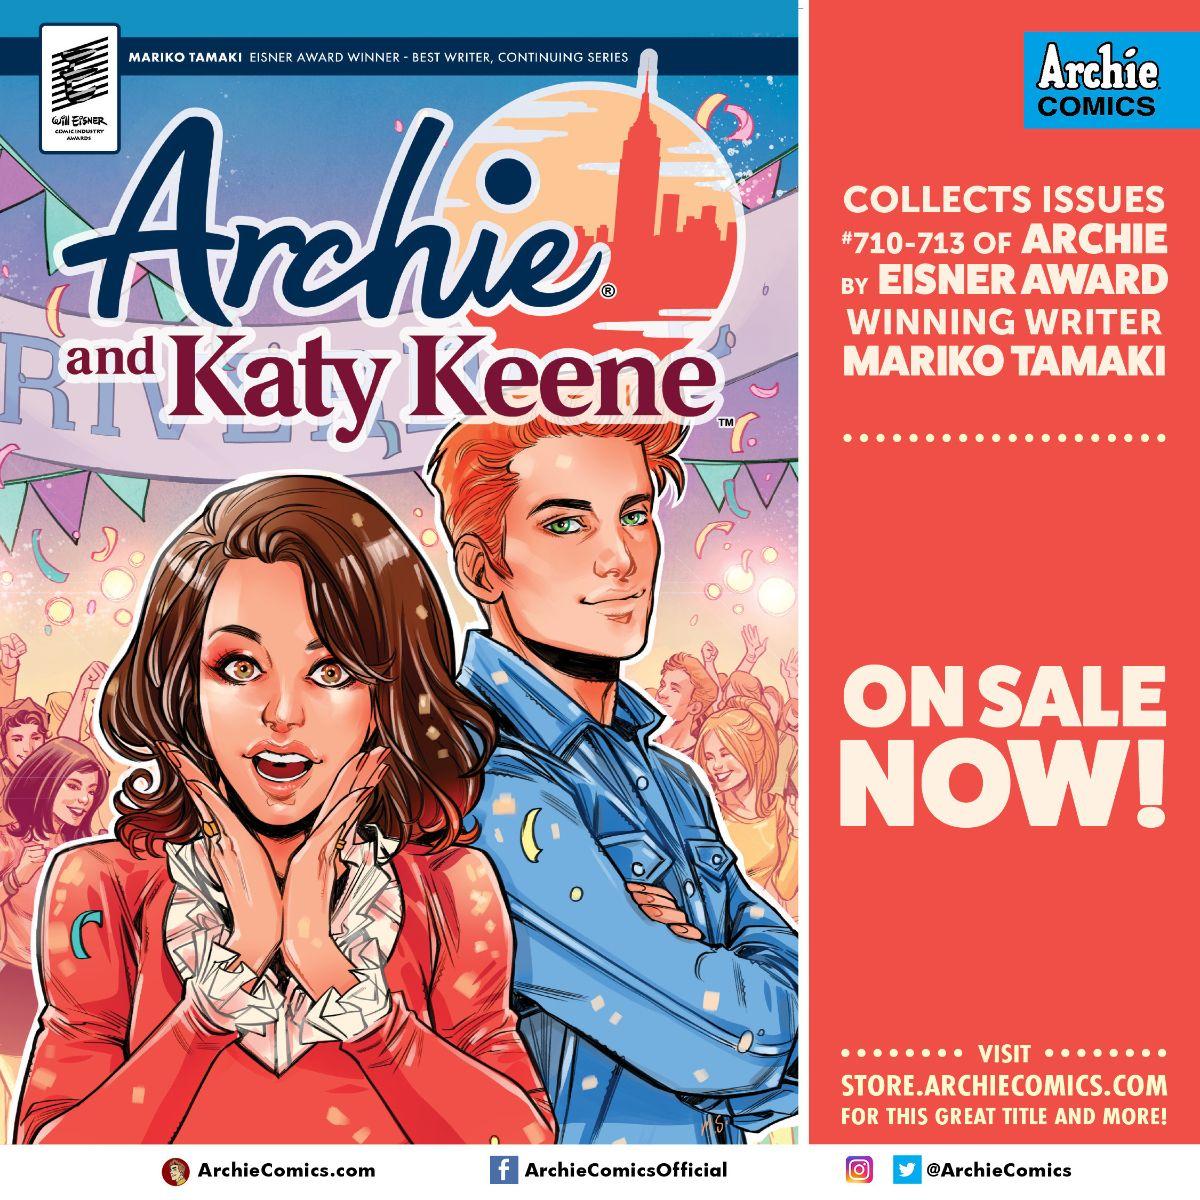 Archie & Katy Keene Promo Image